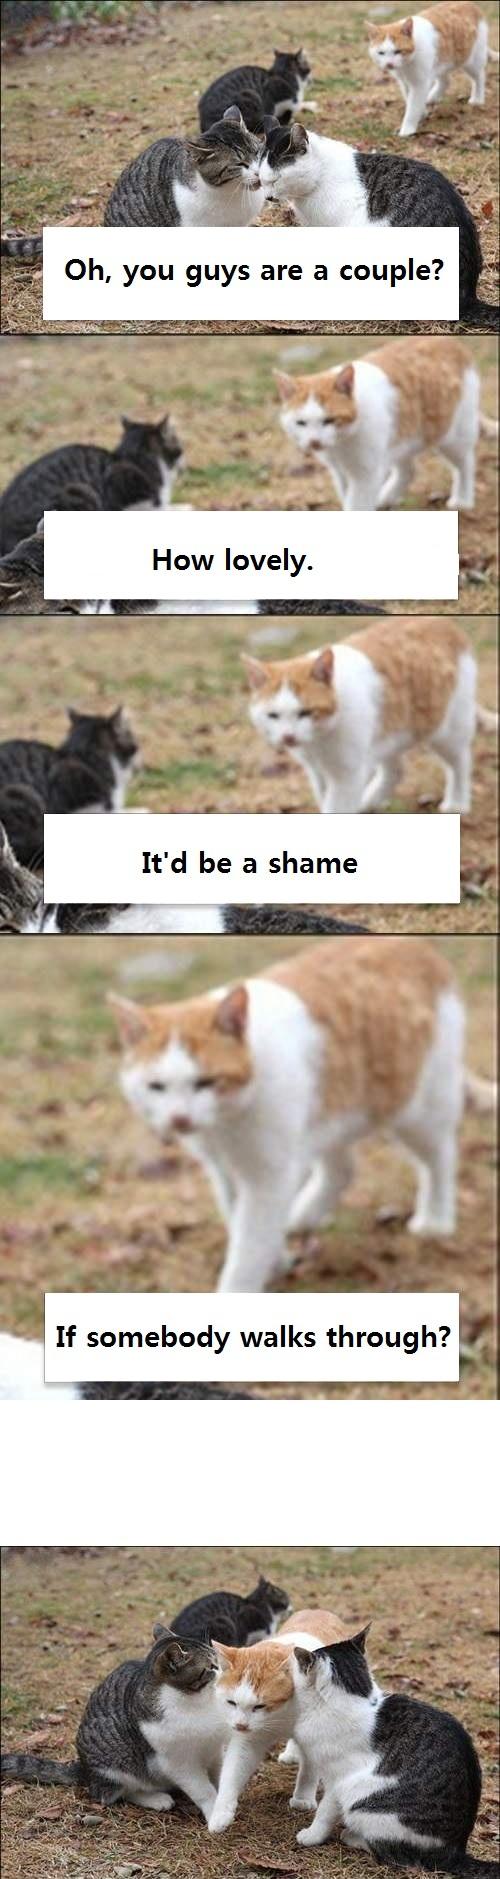 anti pda cat